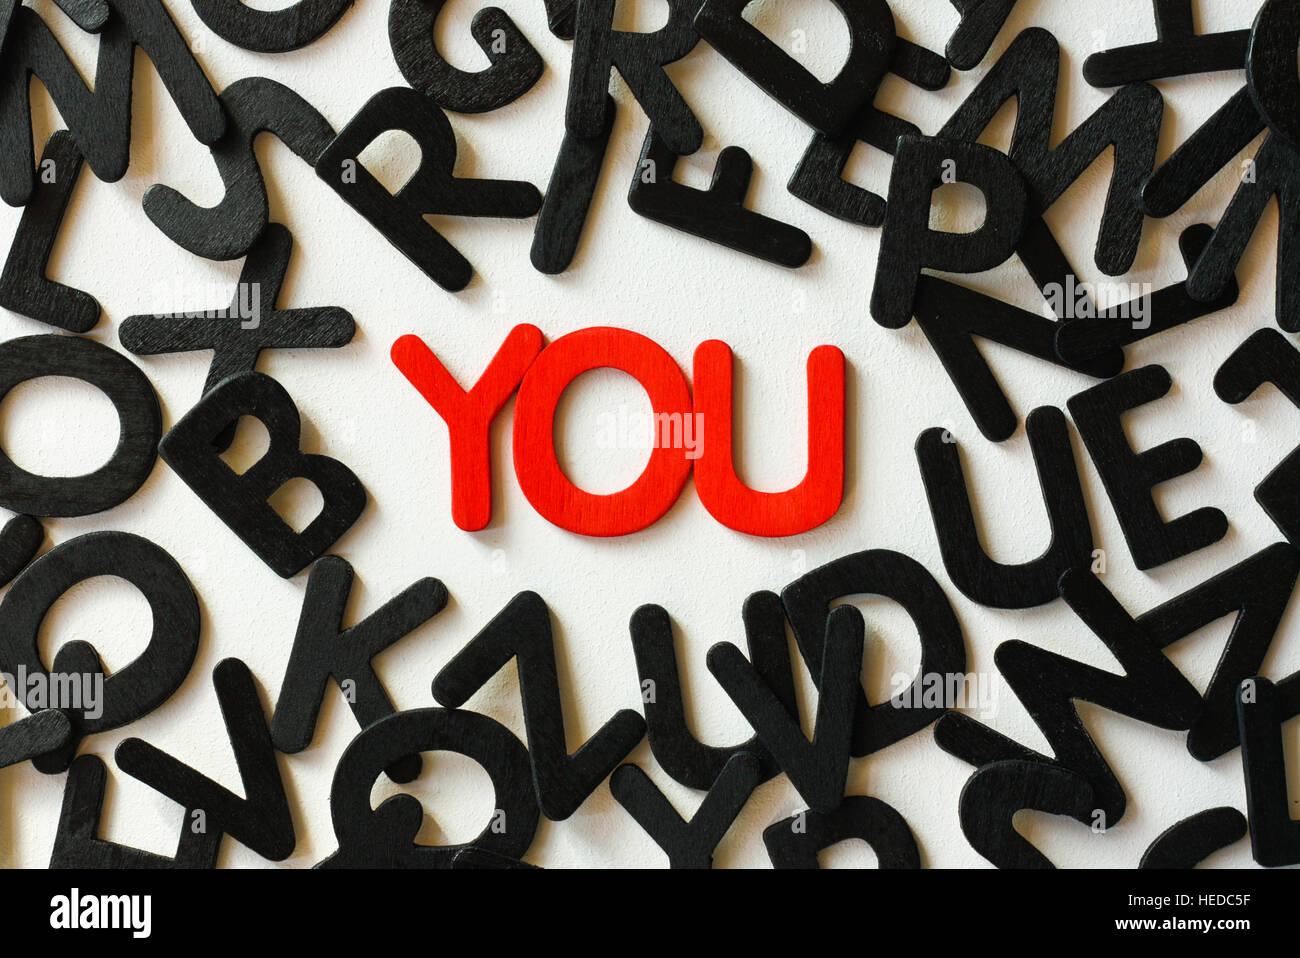 Roten Buchstaben Rechtschreibung das Wort, das Sie das Konzept des Selbst und die persönliche Identität Stockbild